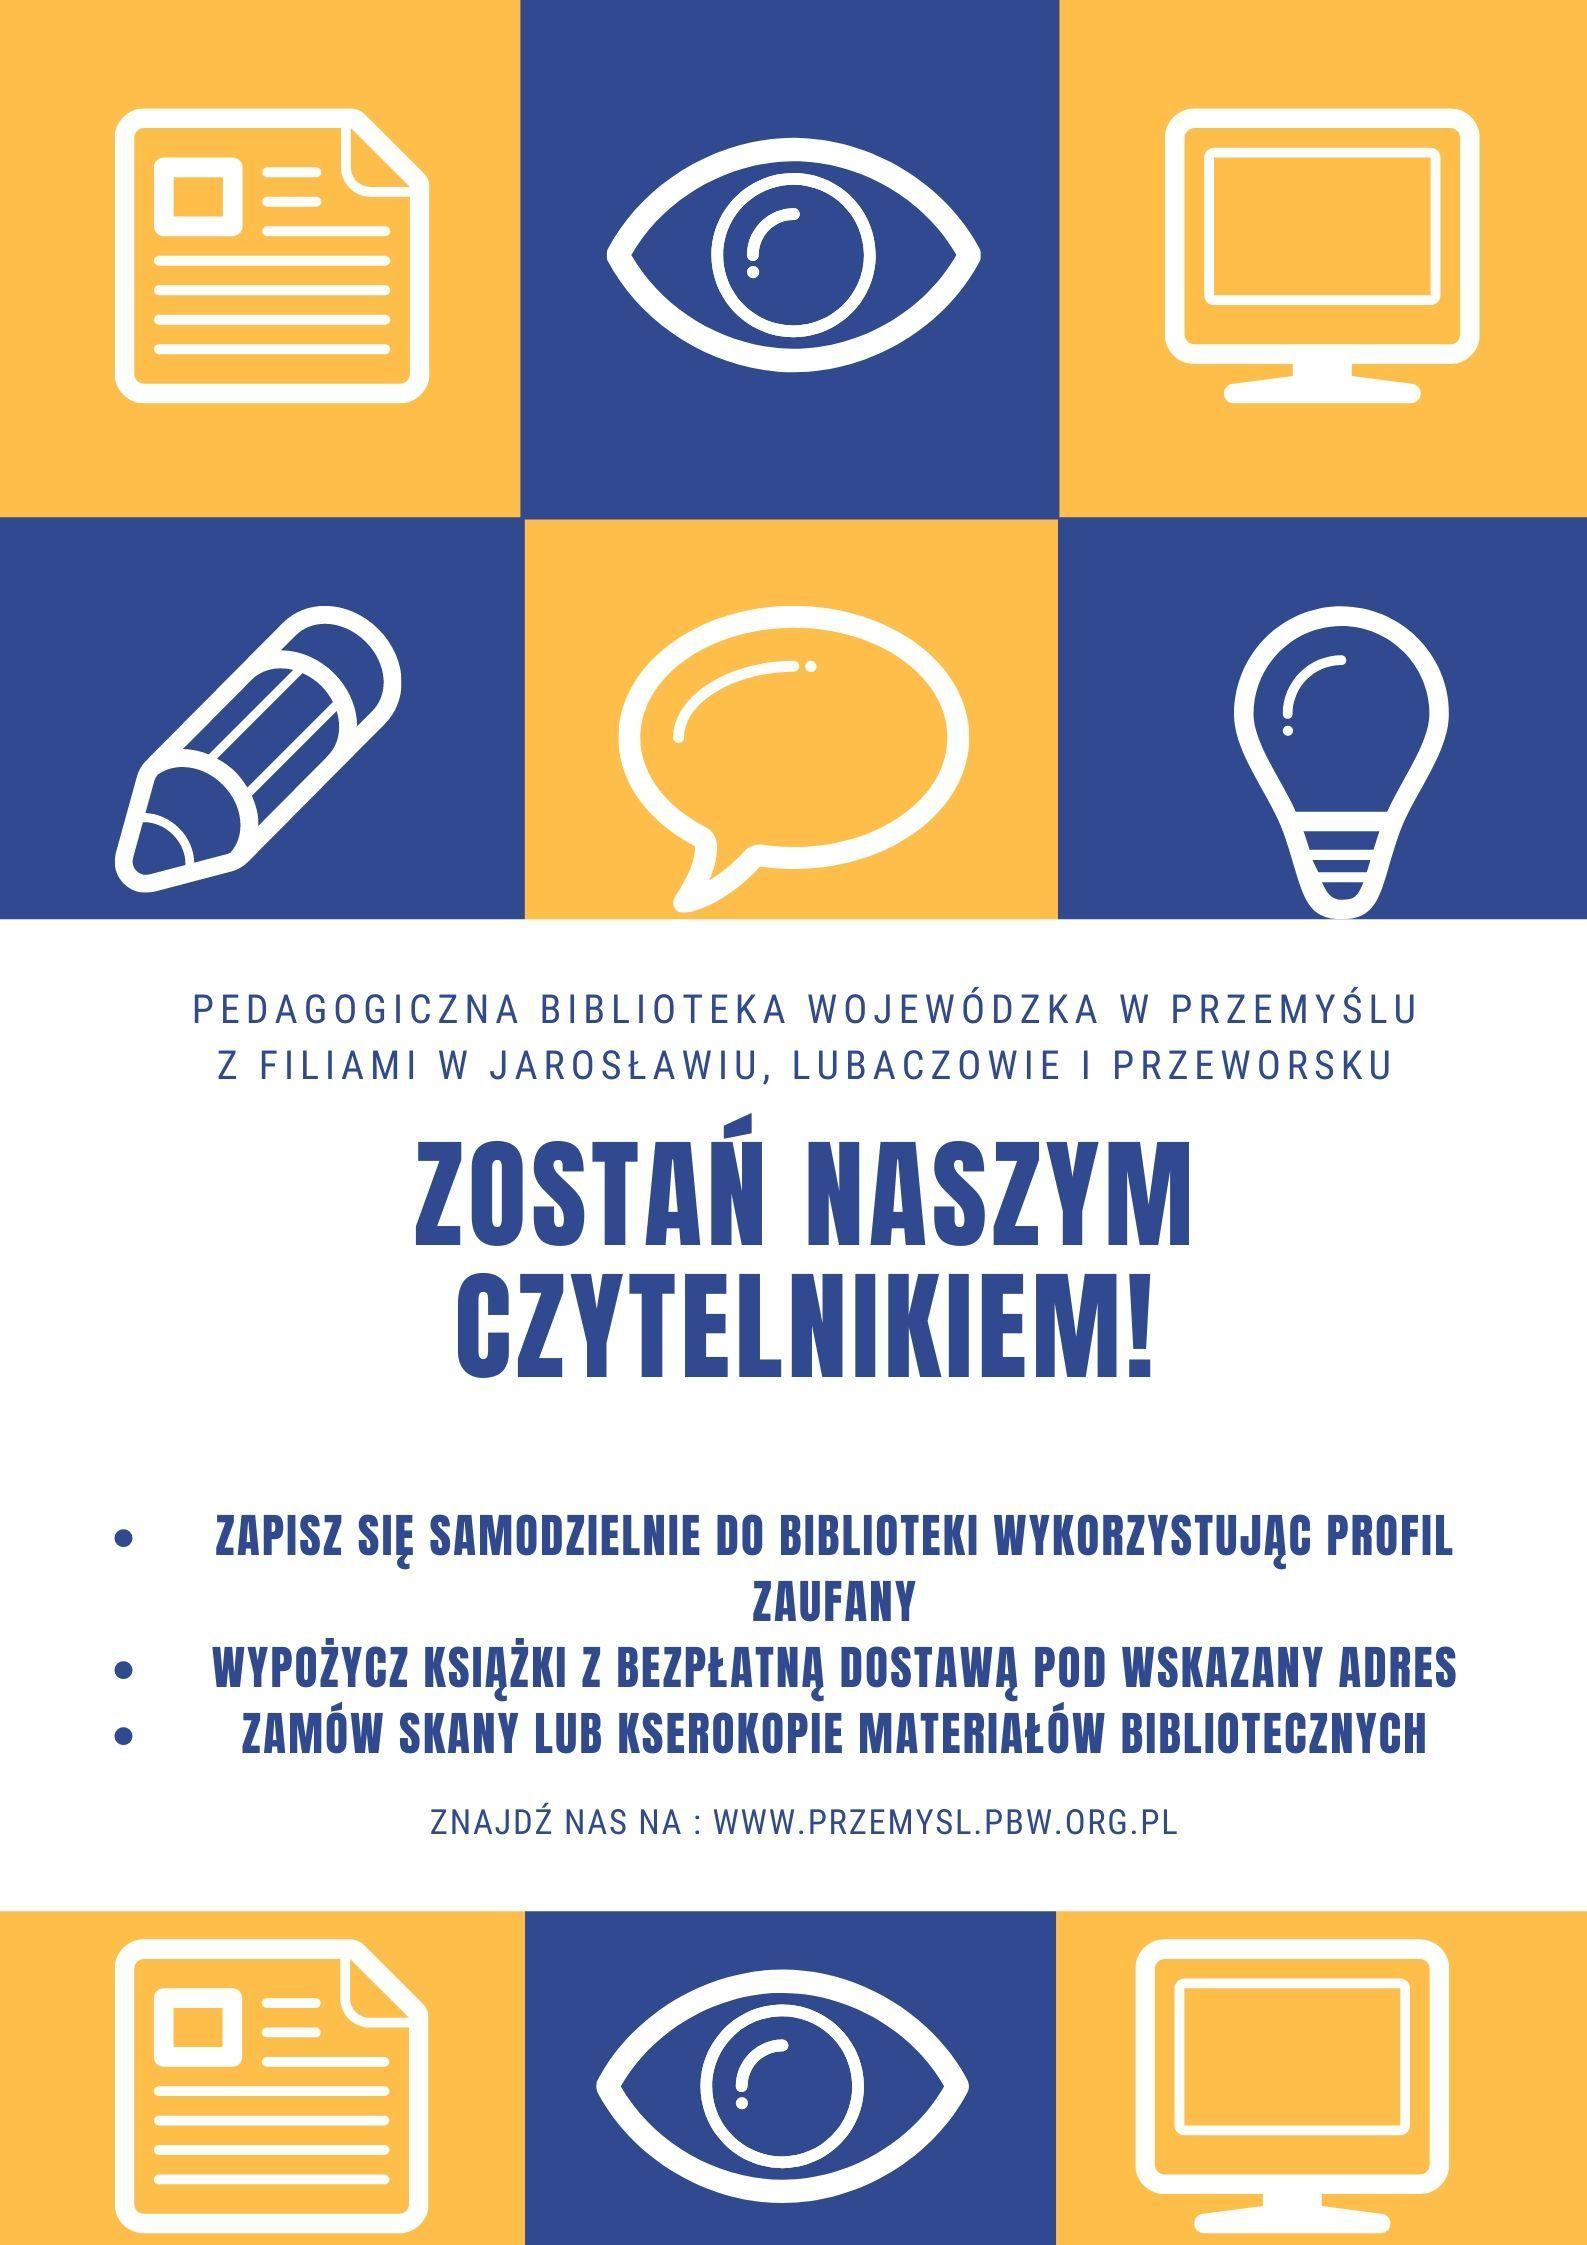 Pedagogiczna Biblioteka Wojewódzka w Przemyślu Filia w Jarosławiu